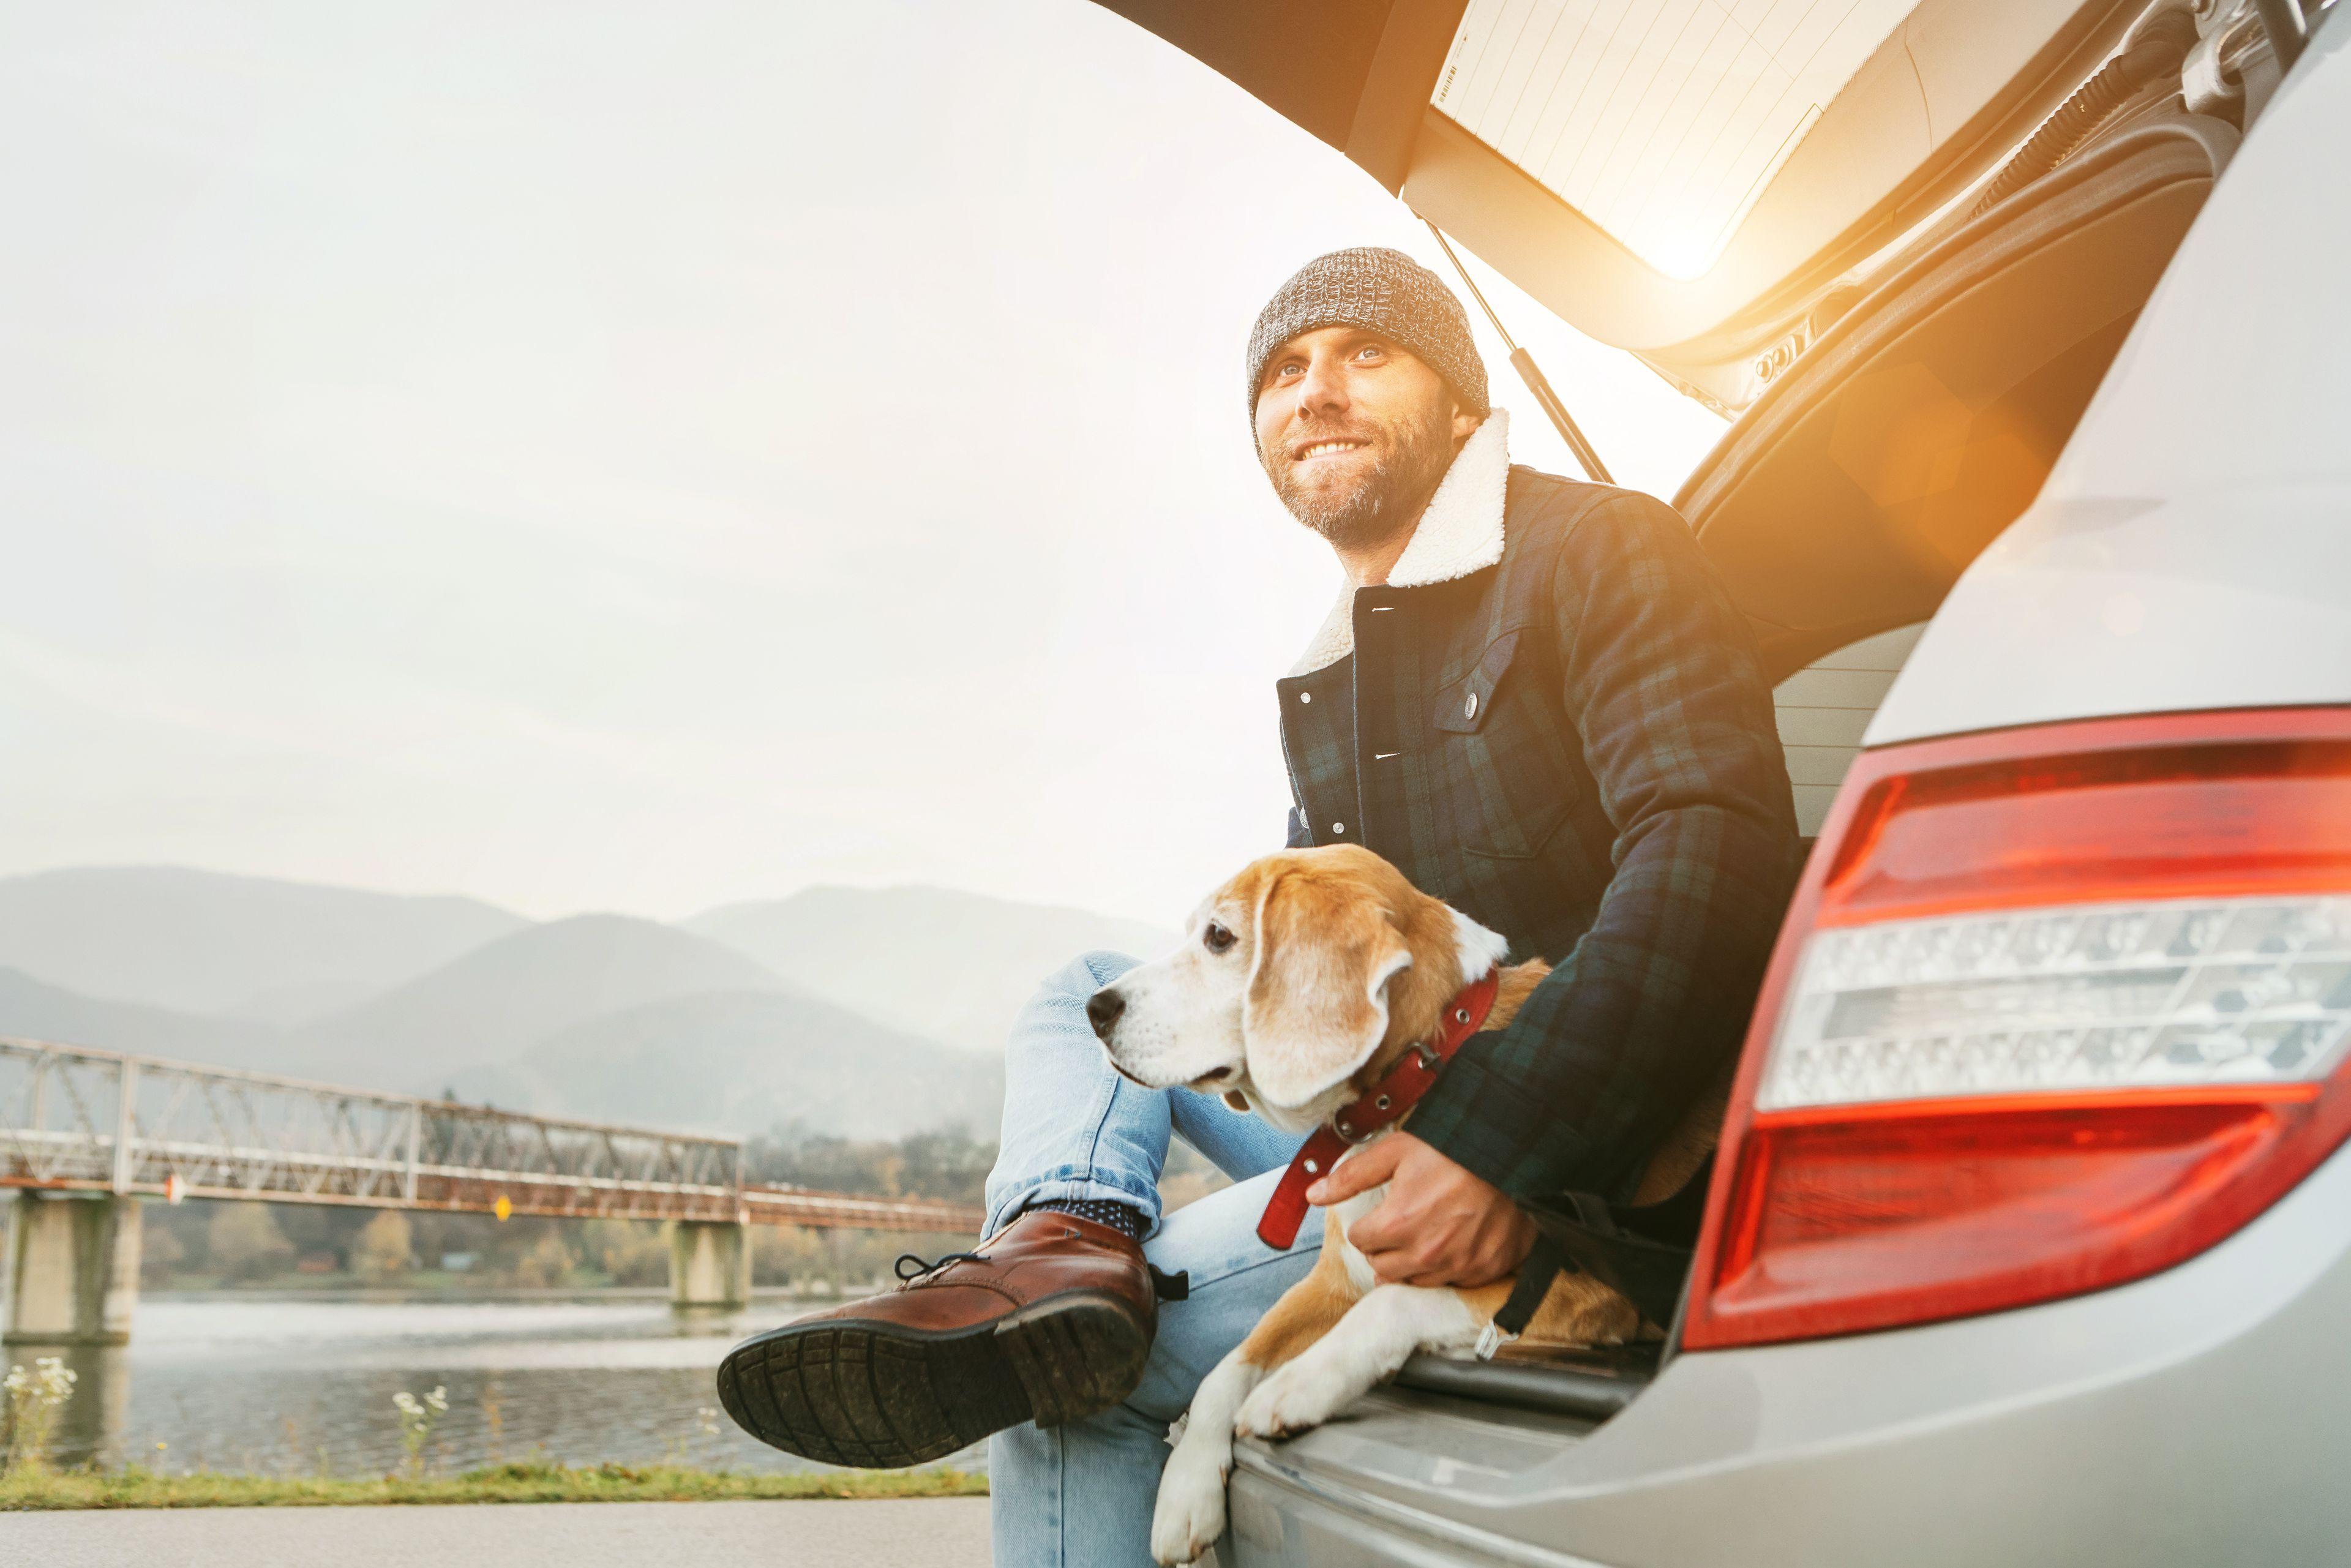 trasportare il cane nel bagagliaio